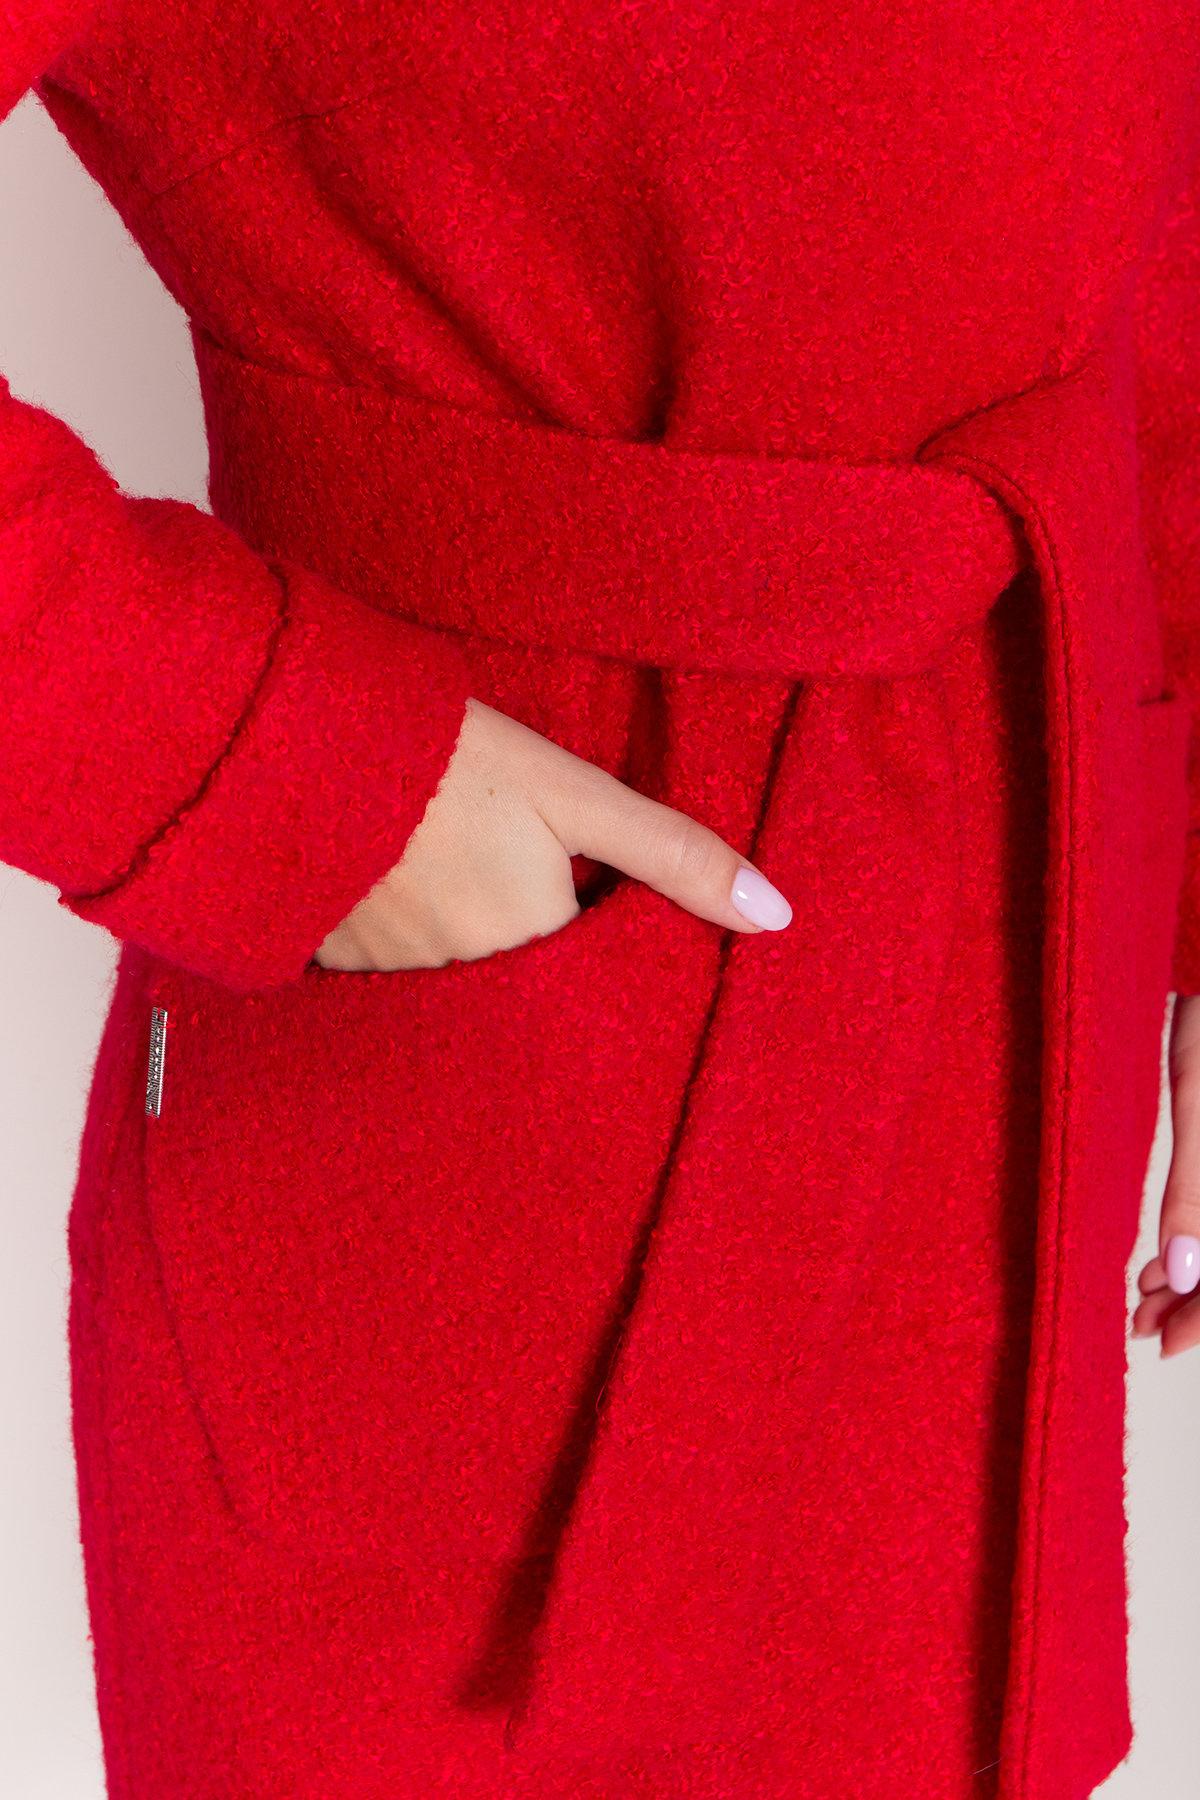 Пальто зима шерсть букле Анита 8320 АРТ. 44441 Цвет: Красный 1 - фото 6, интернет магазин tm-modus.ru